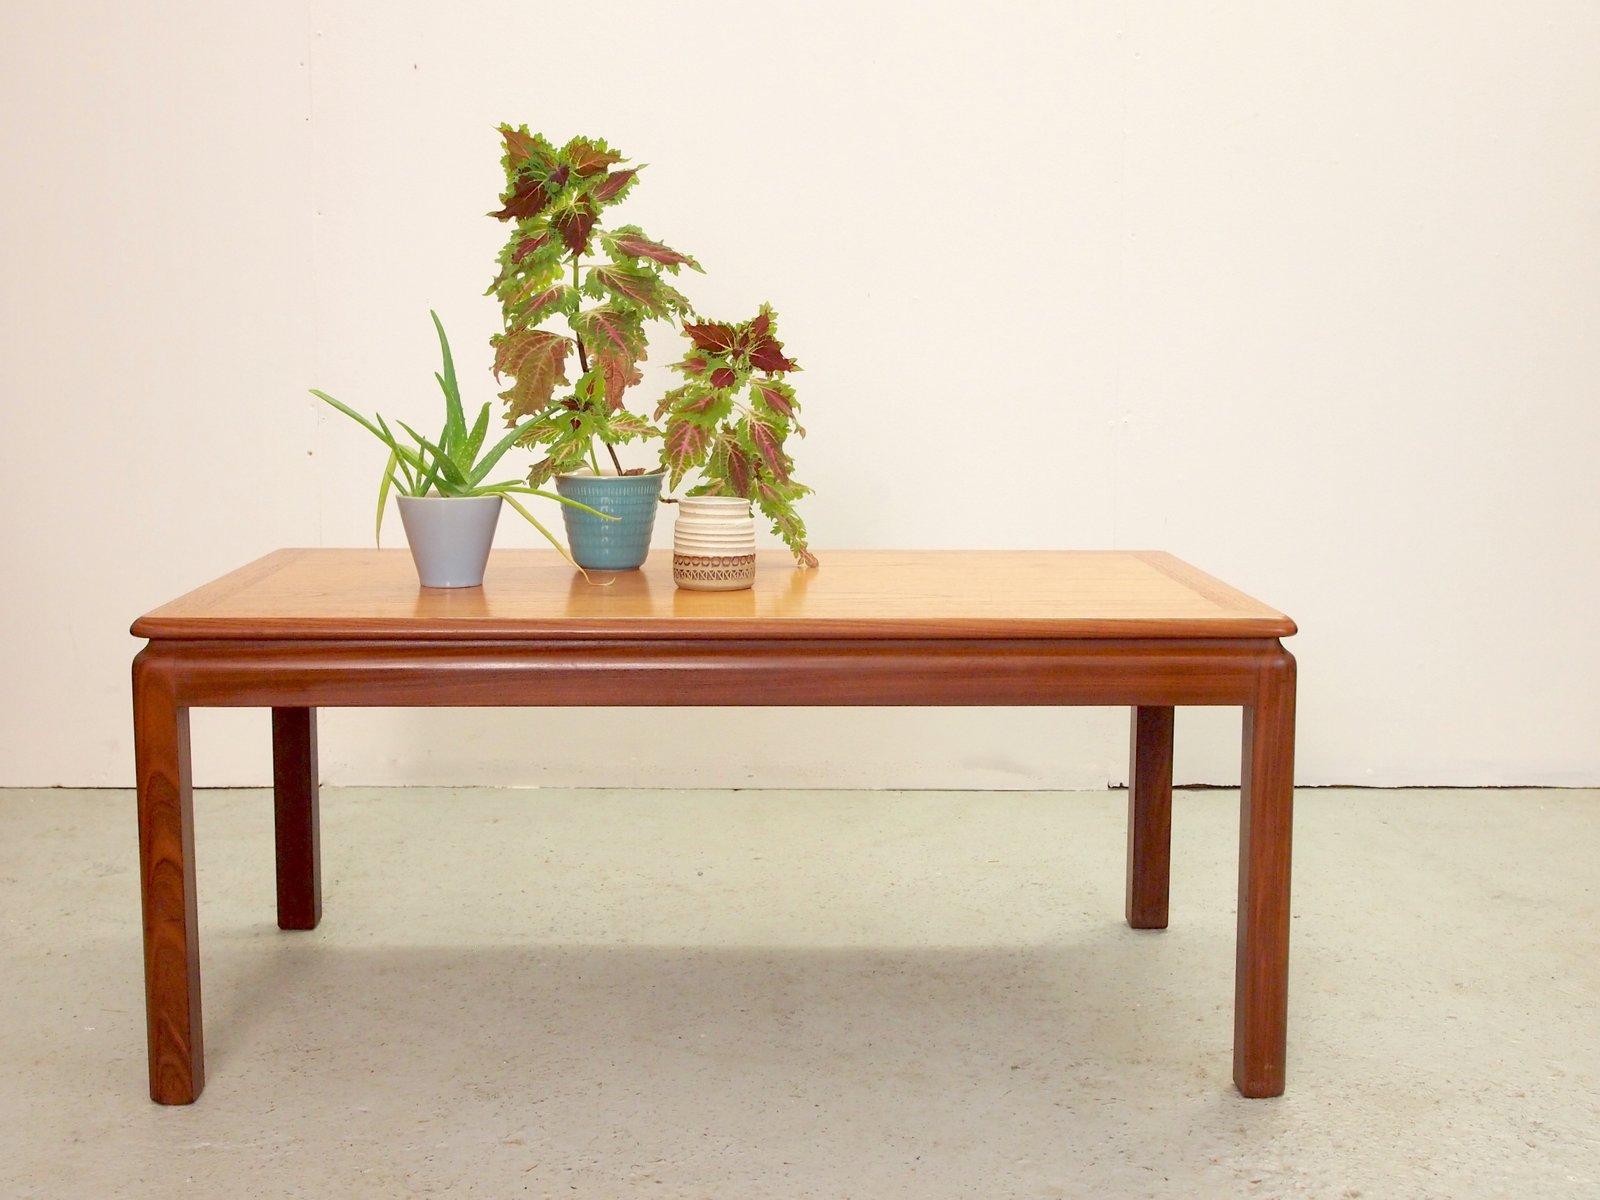 mid century couchtisch aus holz von g plan bei pamono kaufen. Black Bedroom Furniture Sets. Home Design Ideas